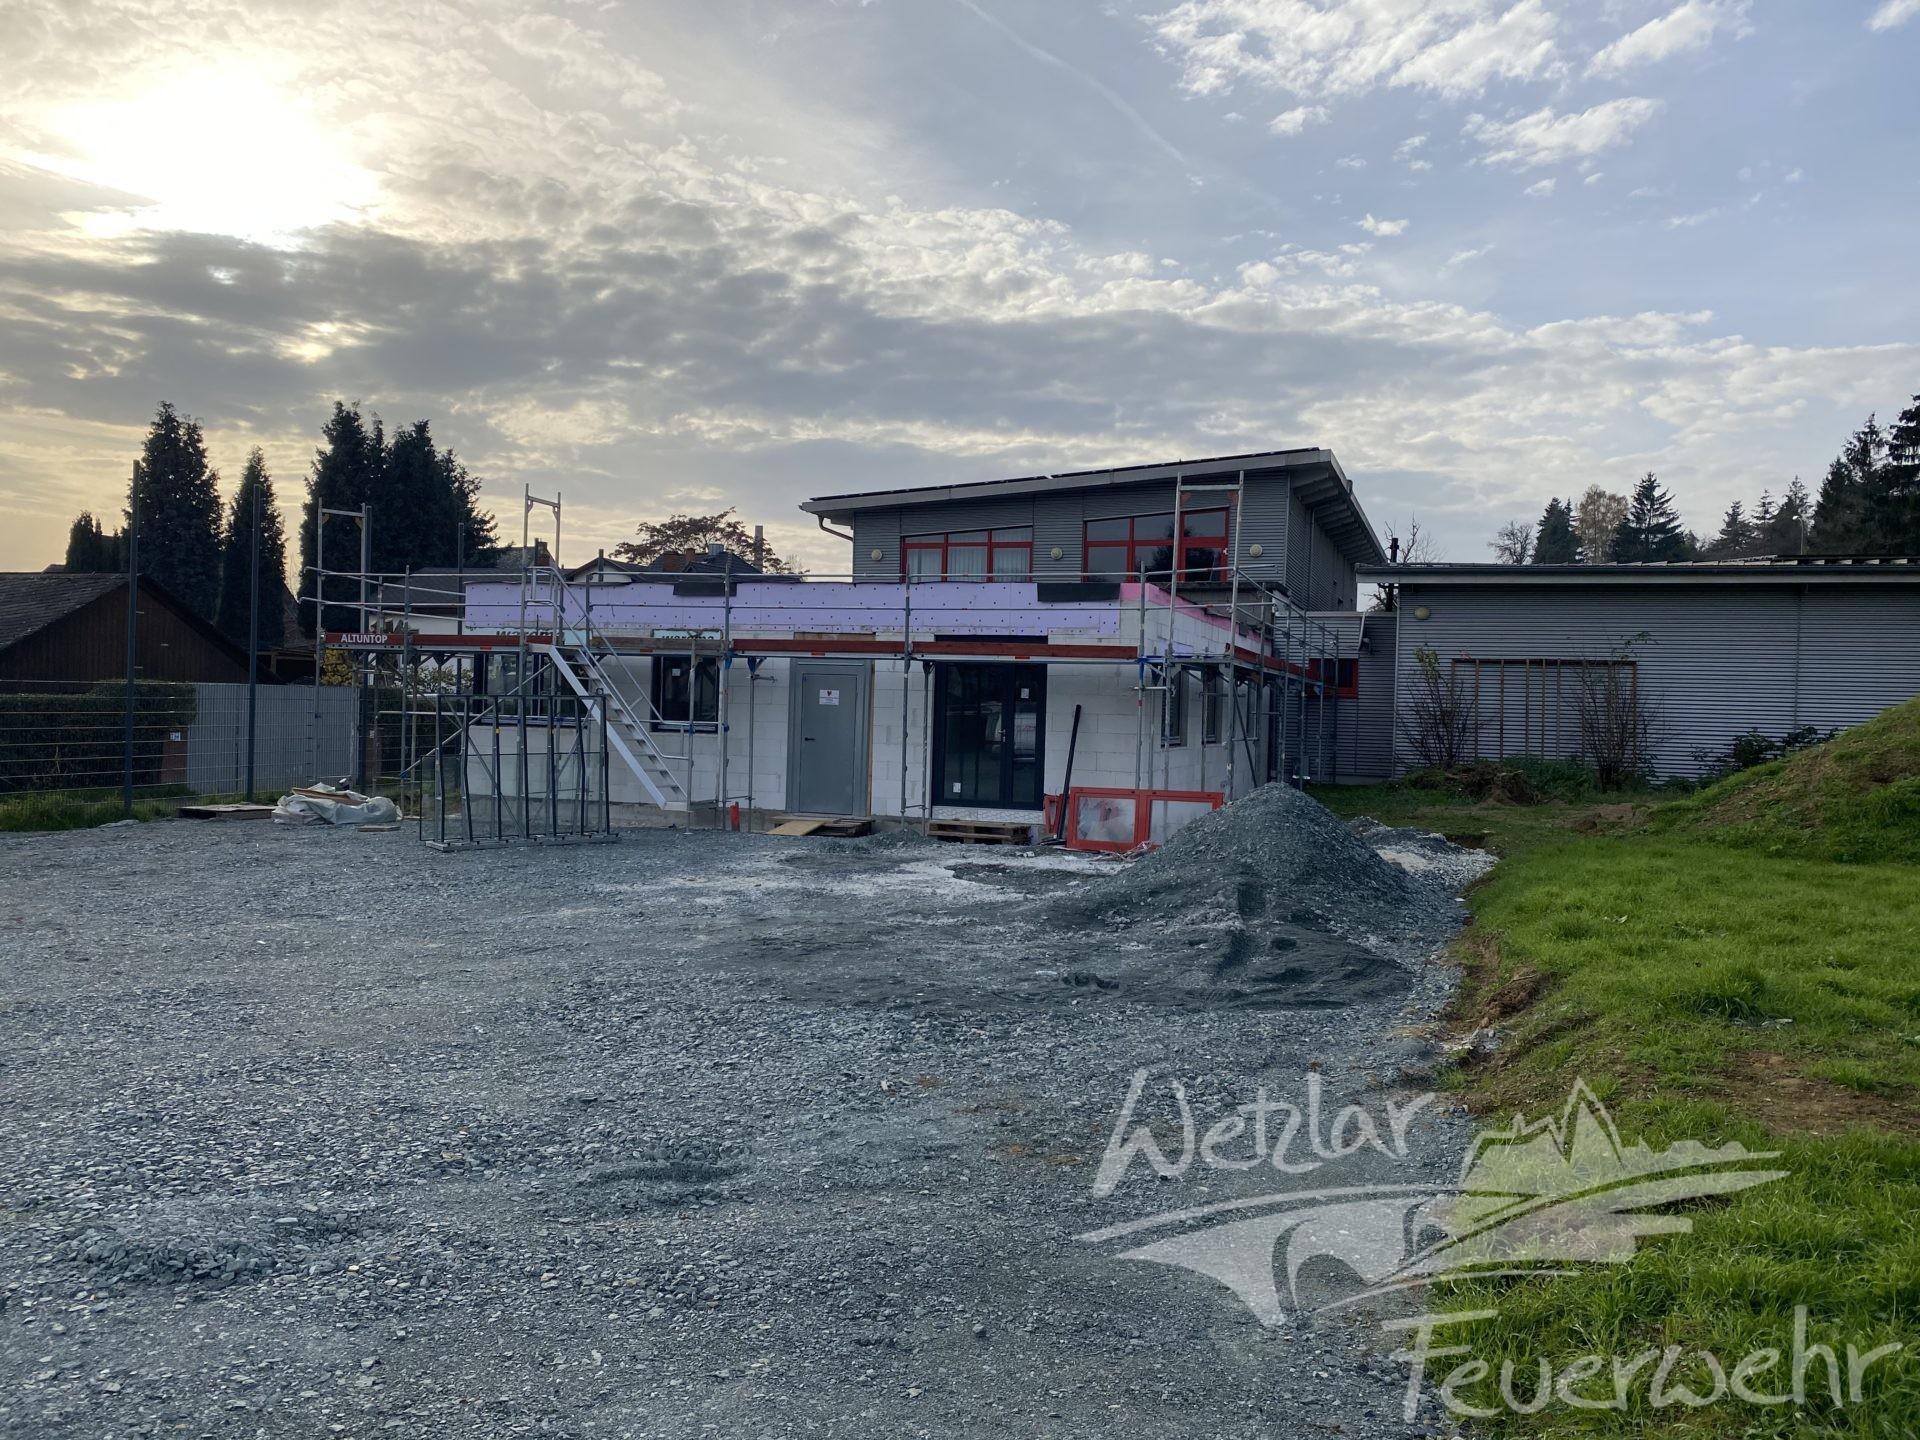 Der Anbau an das bestehende Gerätehaus in Niedergirmes